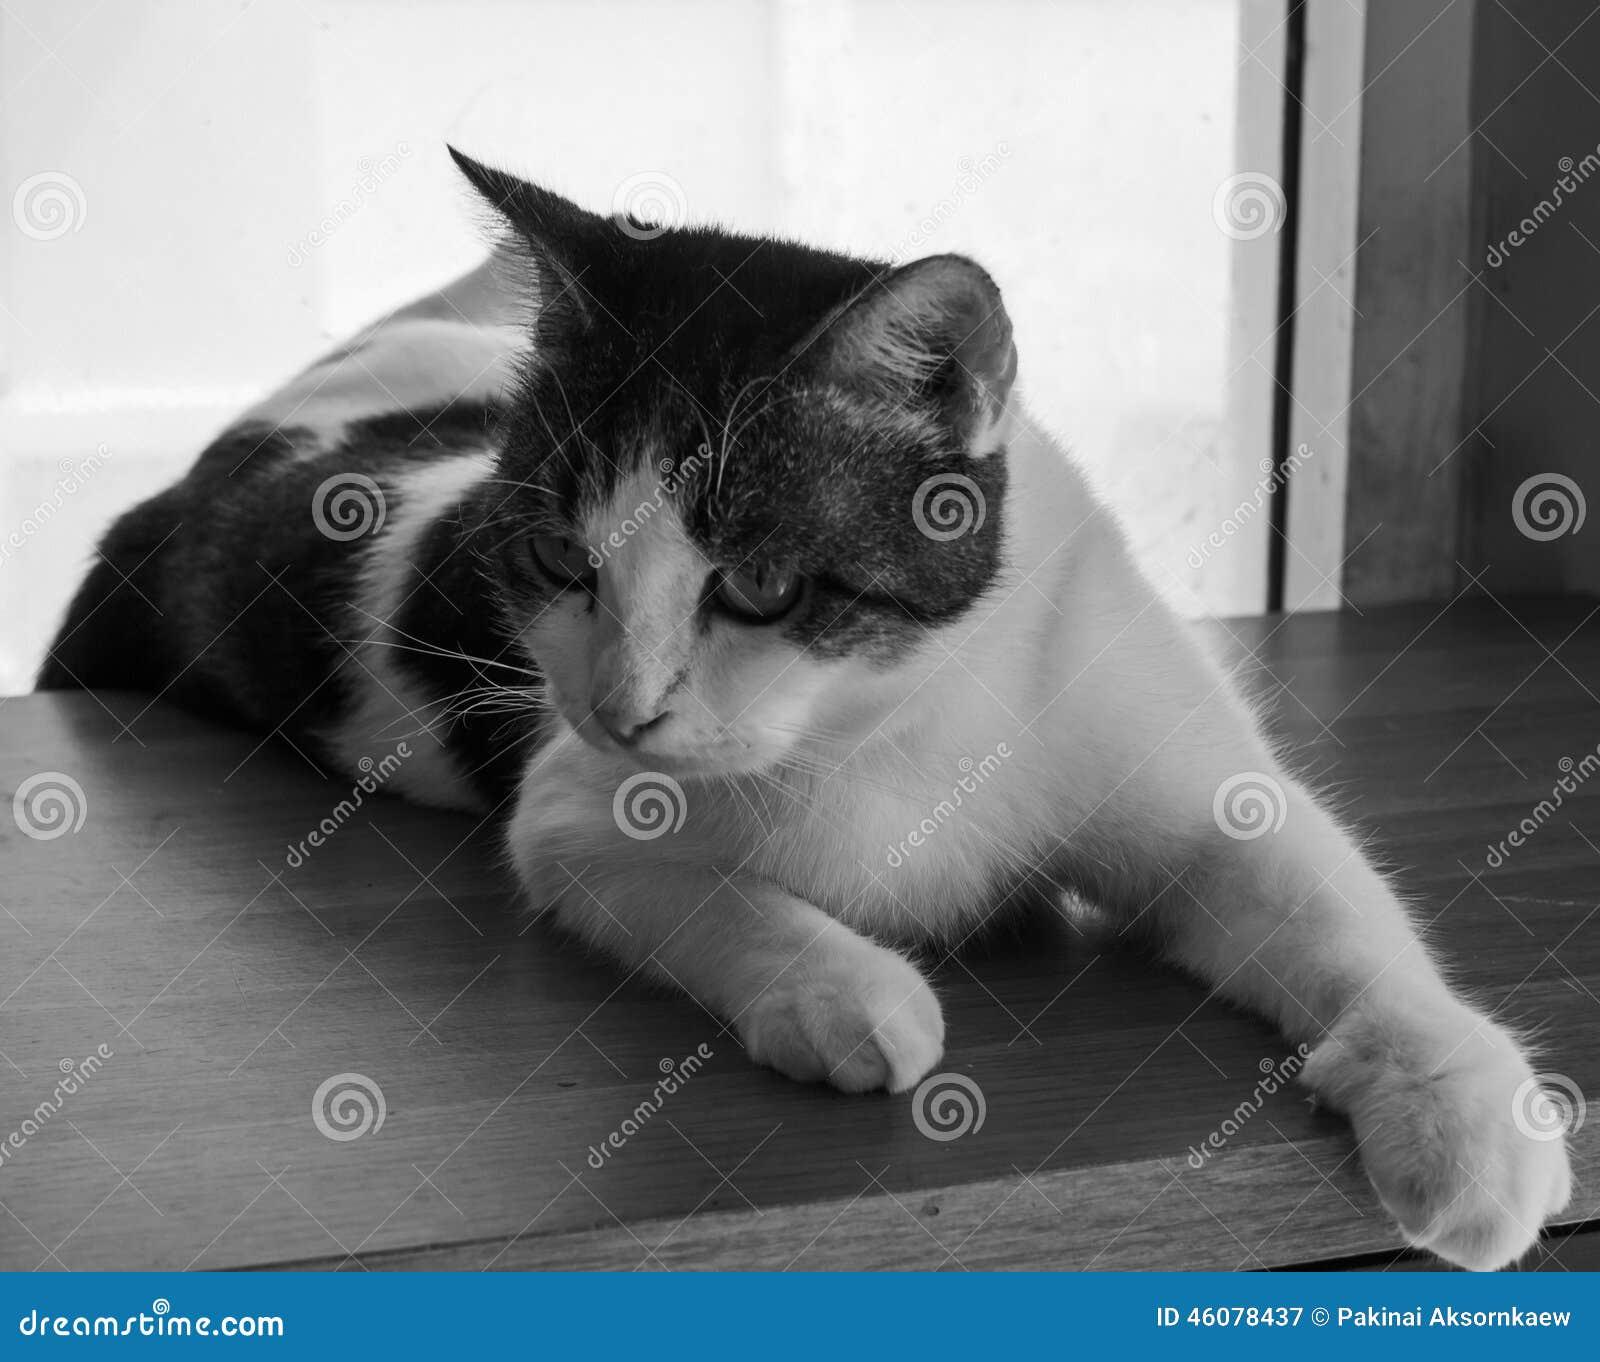 Tajlandia koty